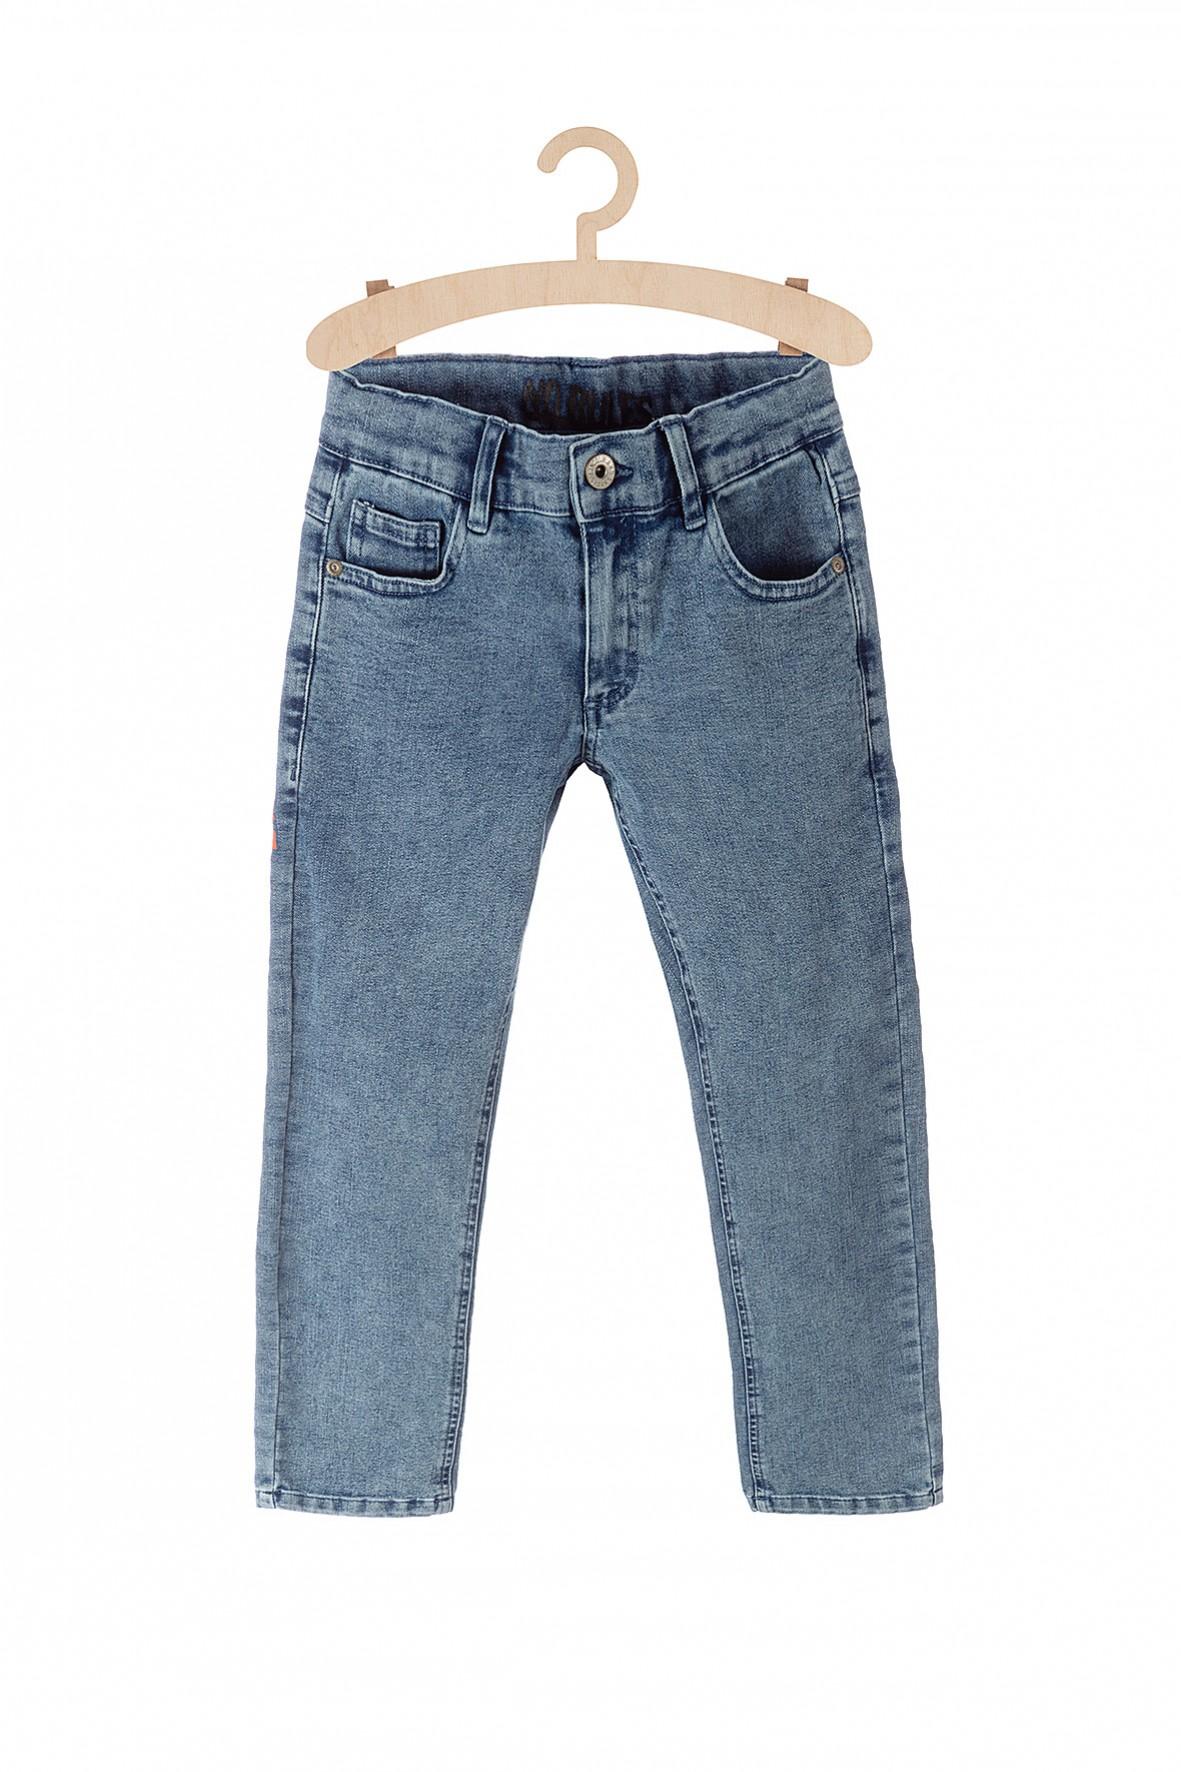 Spodnie jeansowe dla chłopca